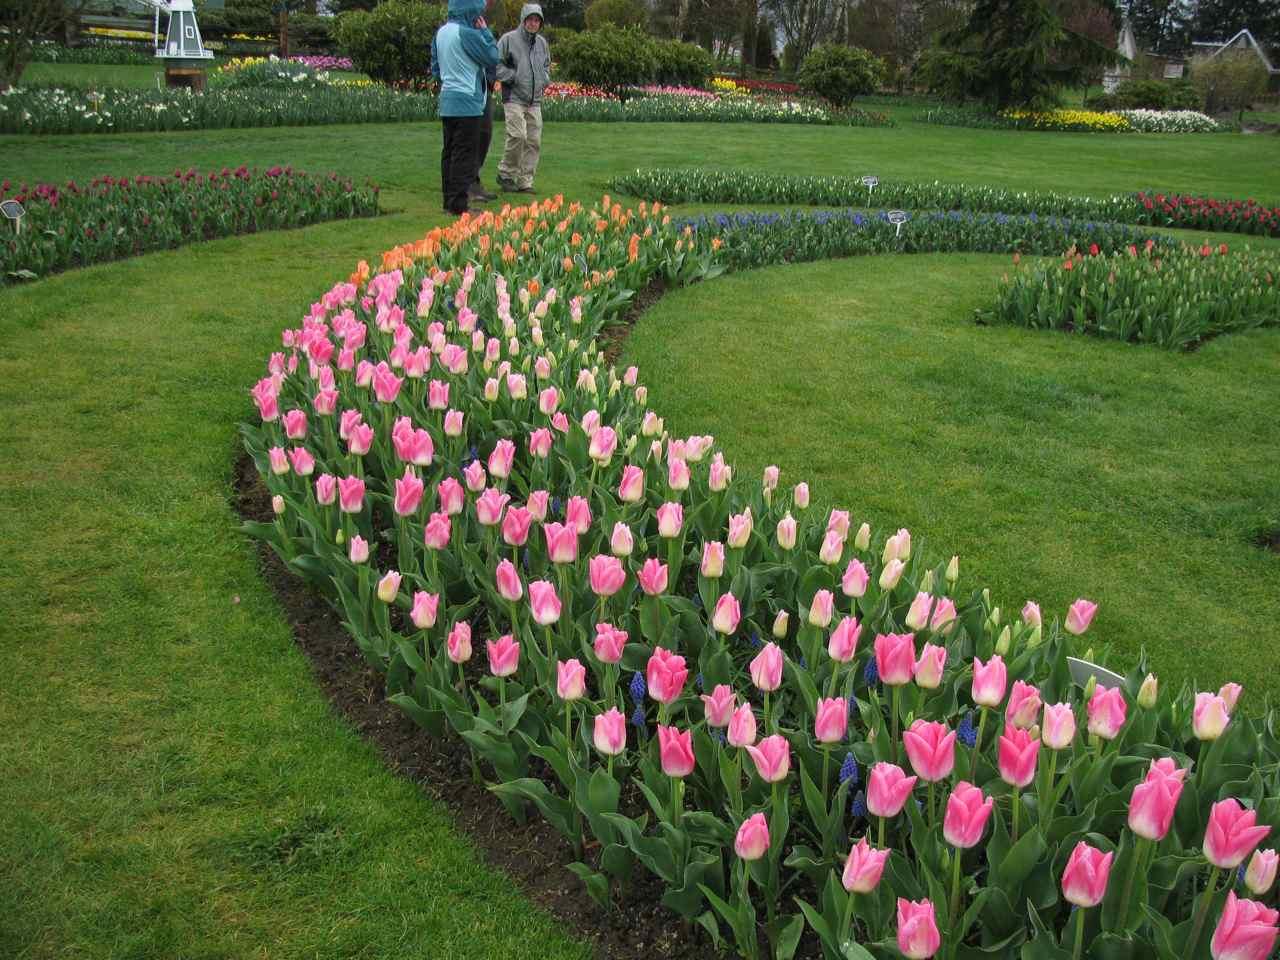 http://4.bp.blogspot.com/_O93HfUiFzt4/S60XWuEO1UI/AAAAAAAAByA/bQw-Sf1eD5U/s1600/tulips_2.jpg